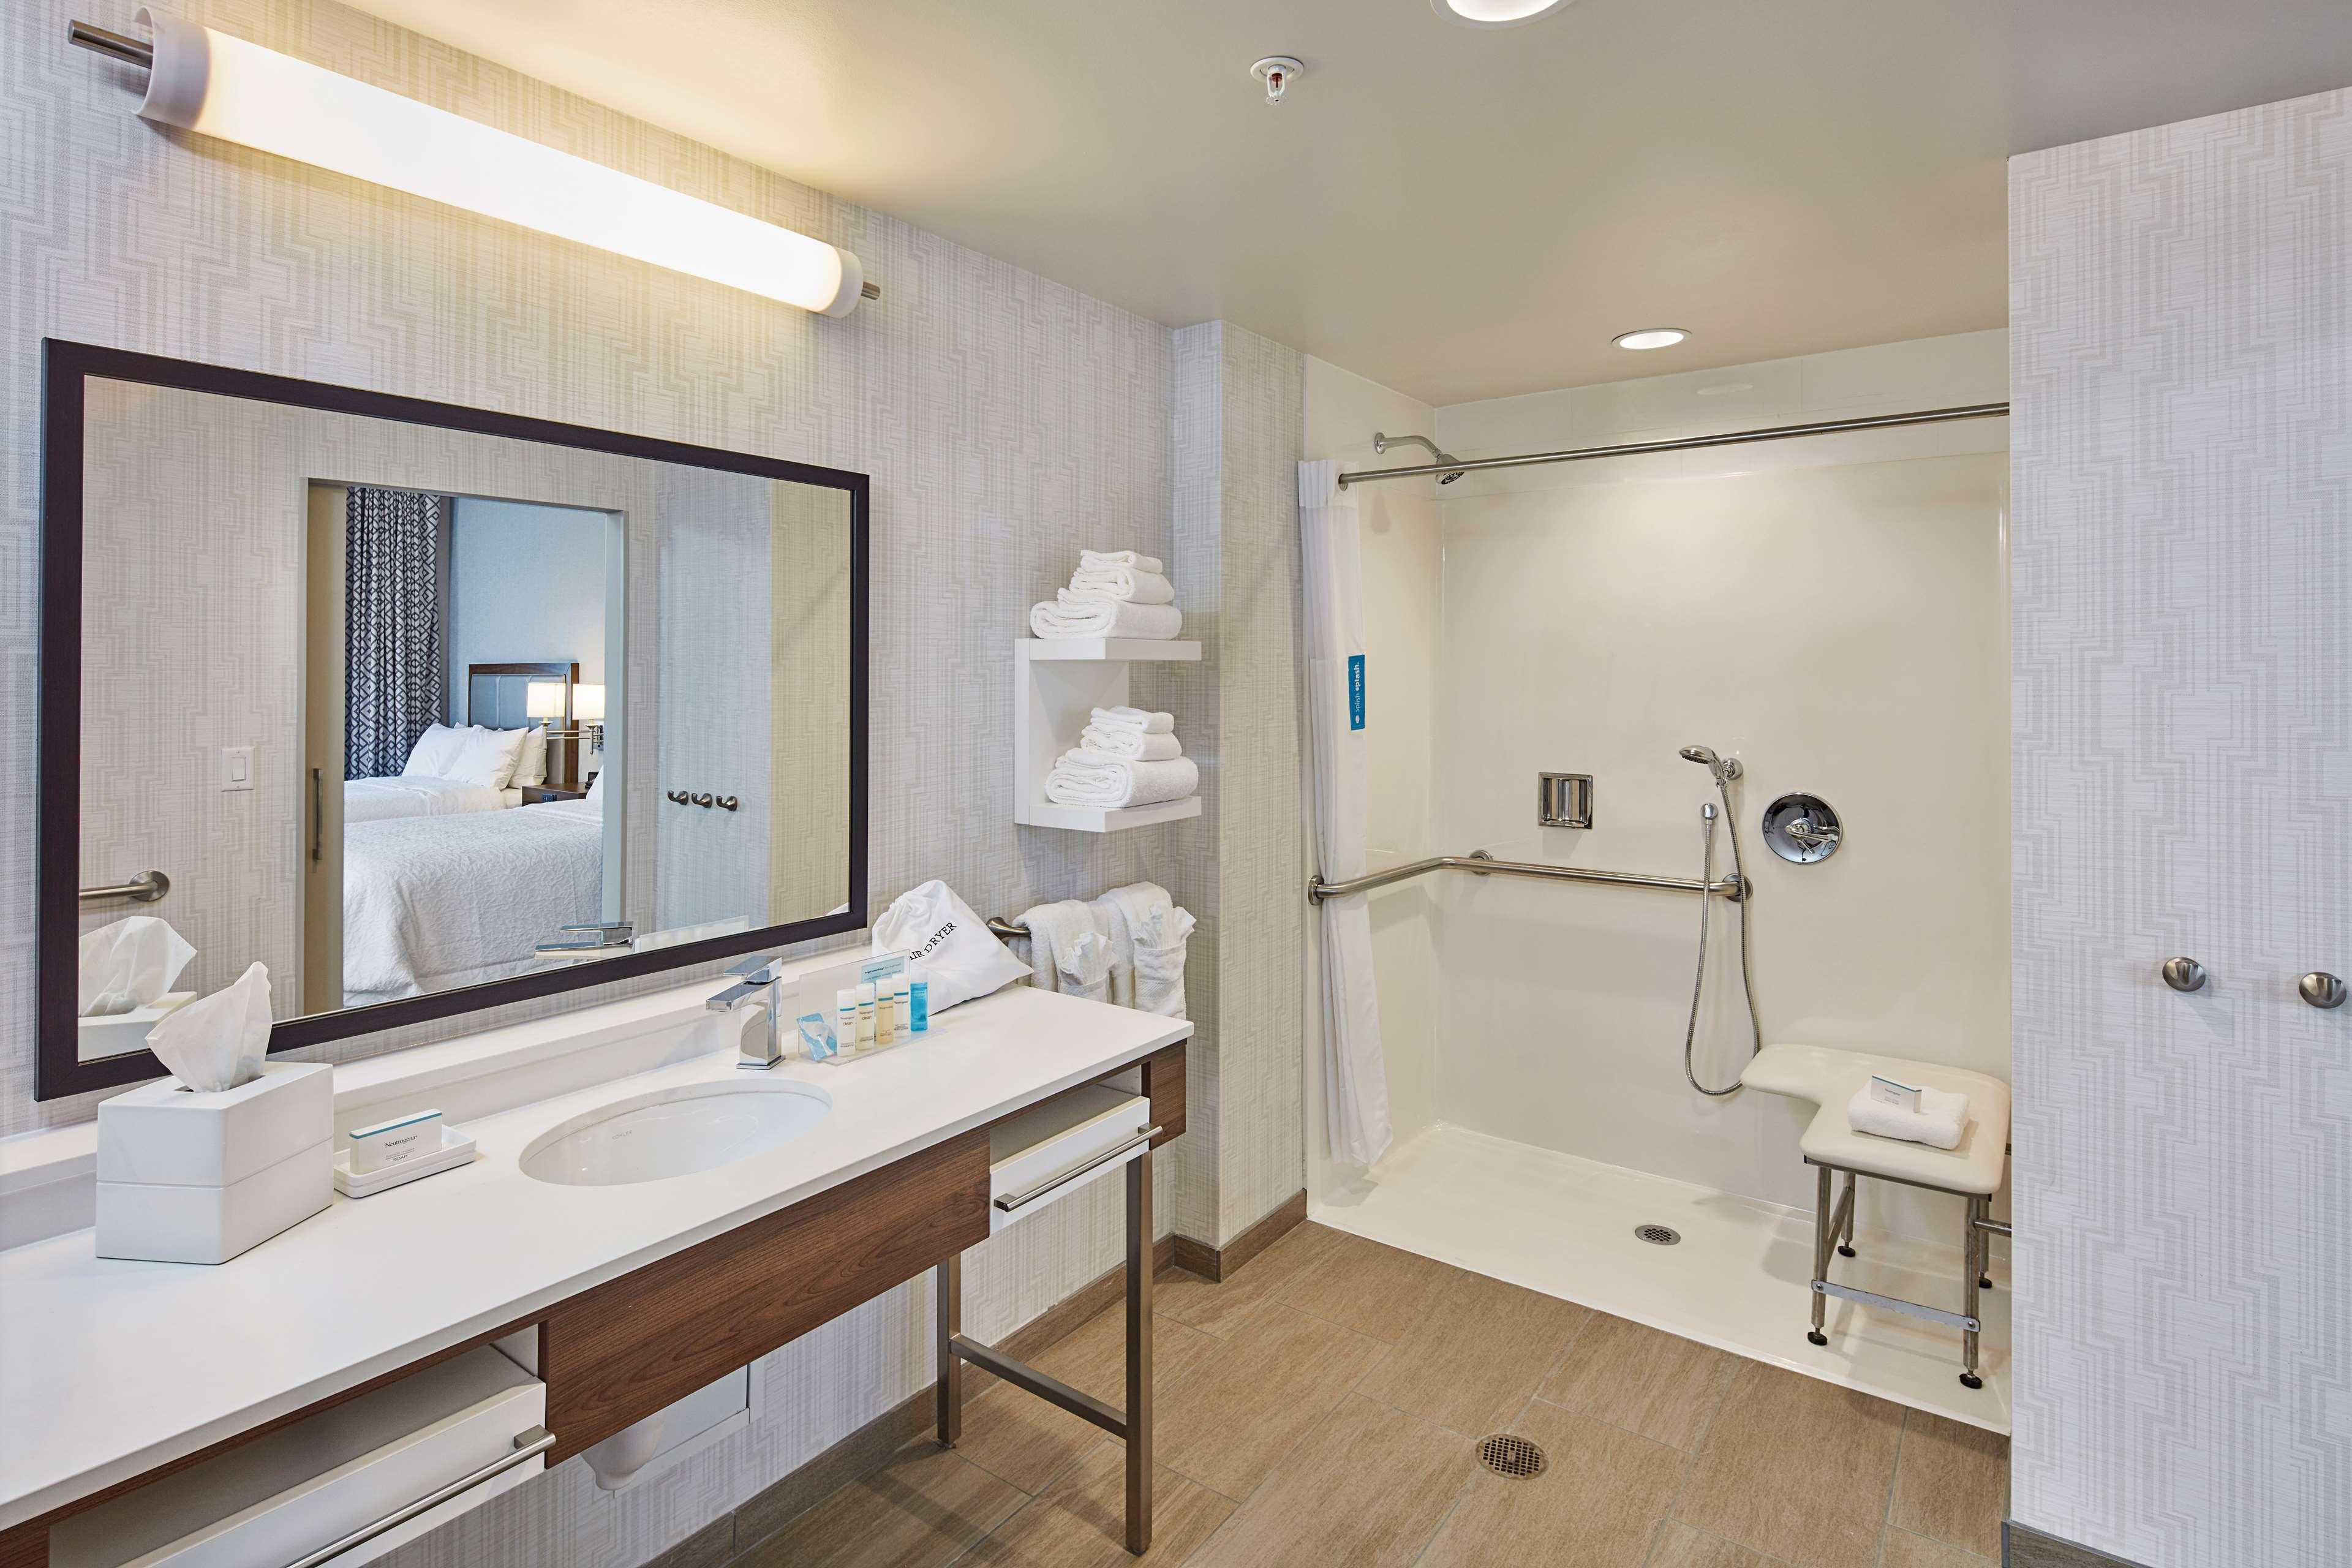 Hampton Inn & Suites Sacramento at CSUS image 40